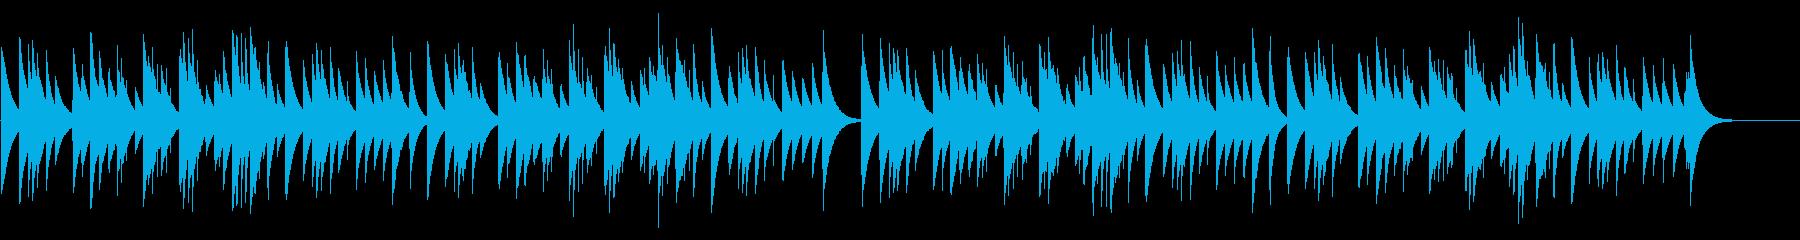 お正月 カード式オルゴールの再生済みの波形